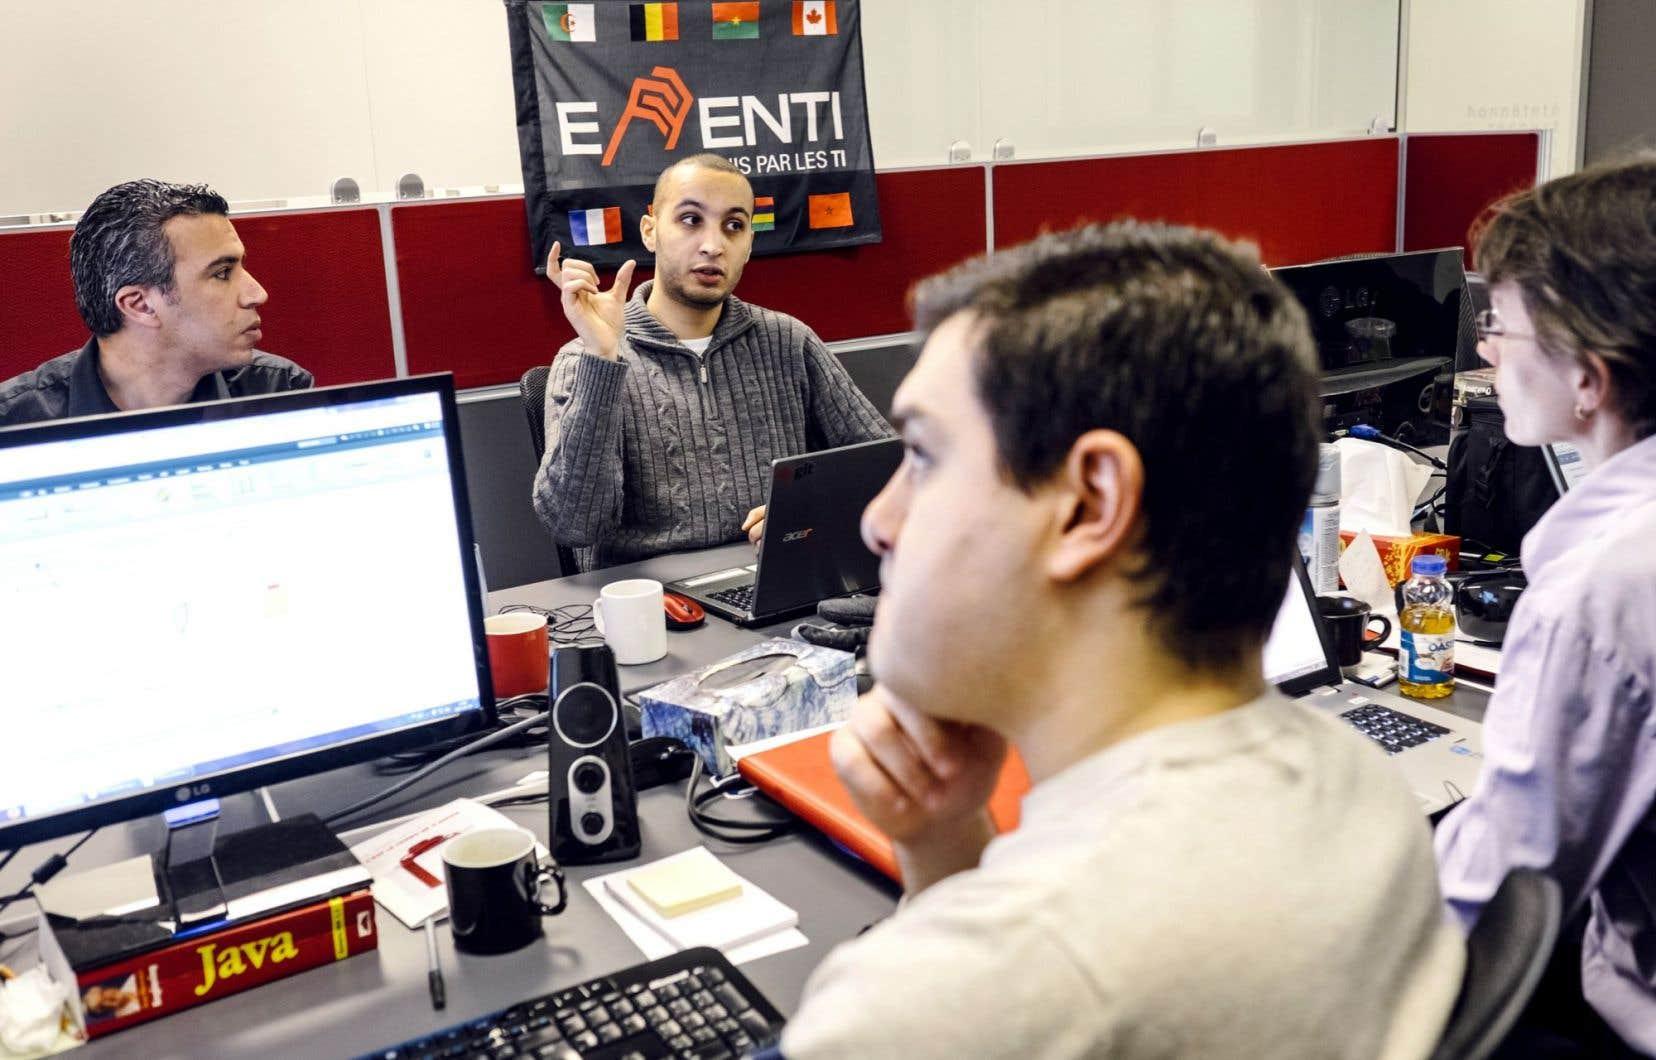 À la firme de consultants informatiques de Québec Effenti, le tiers de la trentaine d'employés vient de l'étranger. Sur près de 1,4million de postes à pourvoir entre2013 et2022, on estime que 18% seront occupés par de nouveaux immigrants.